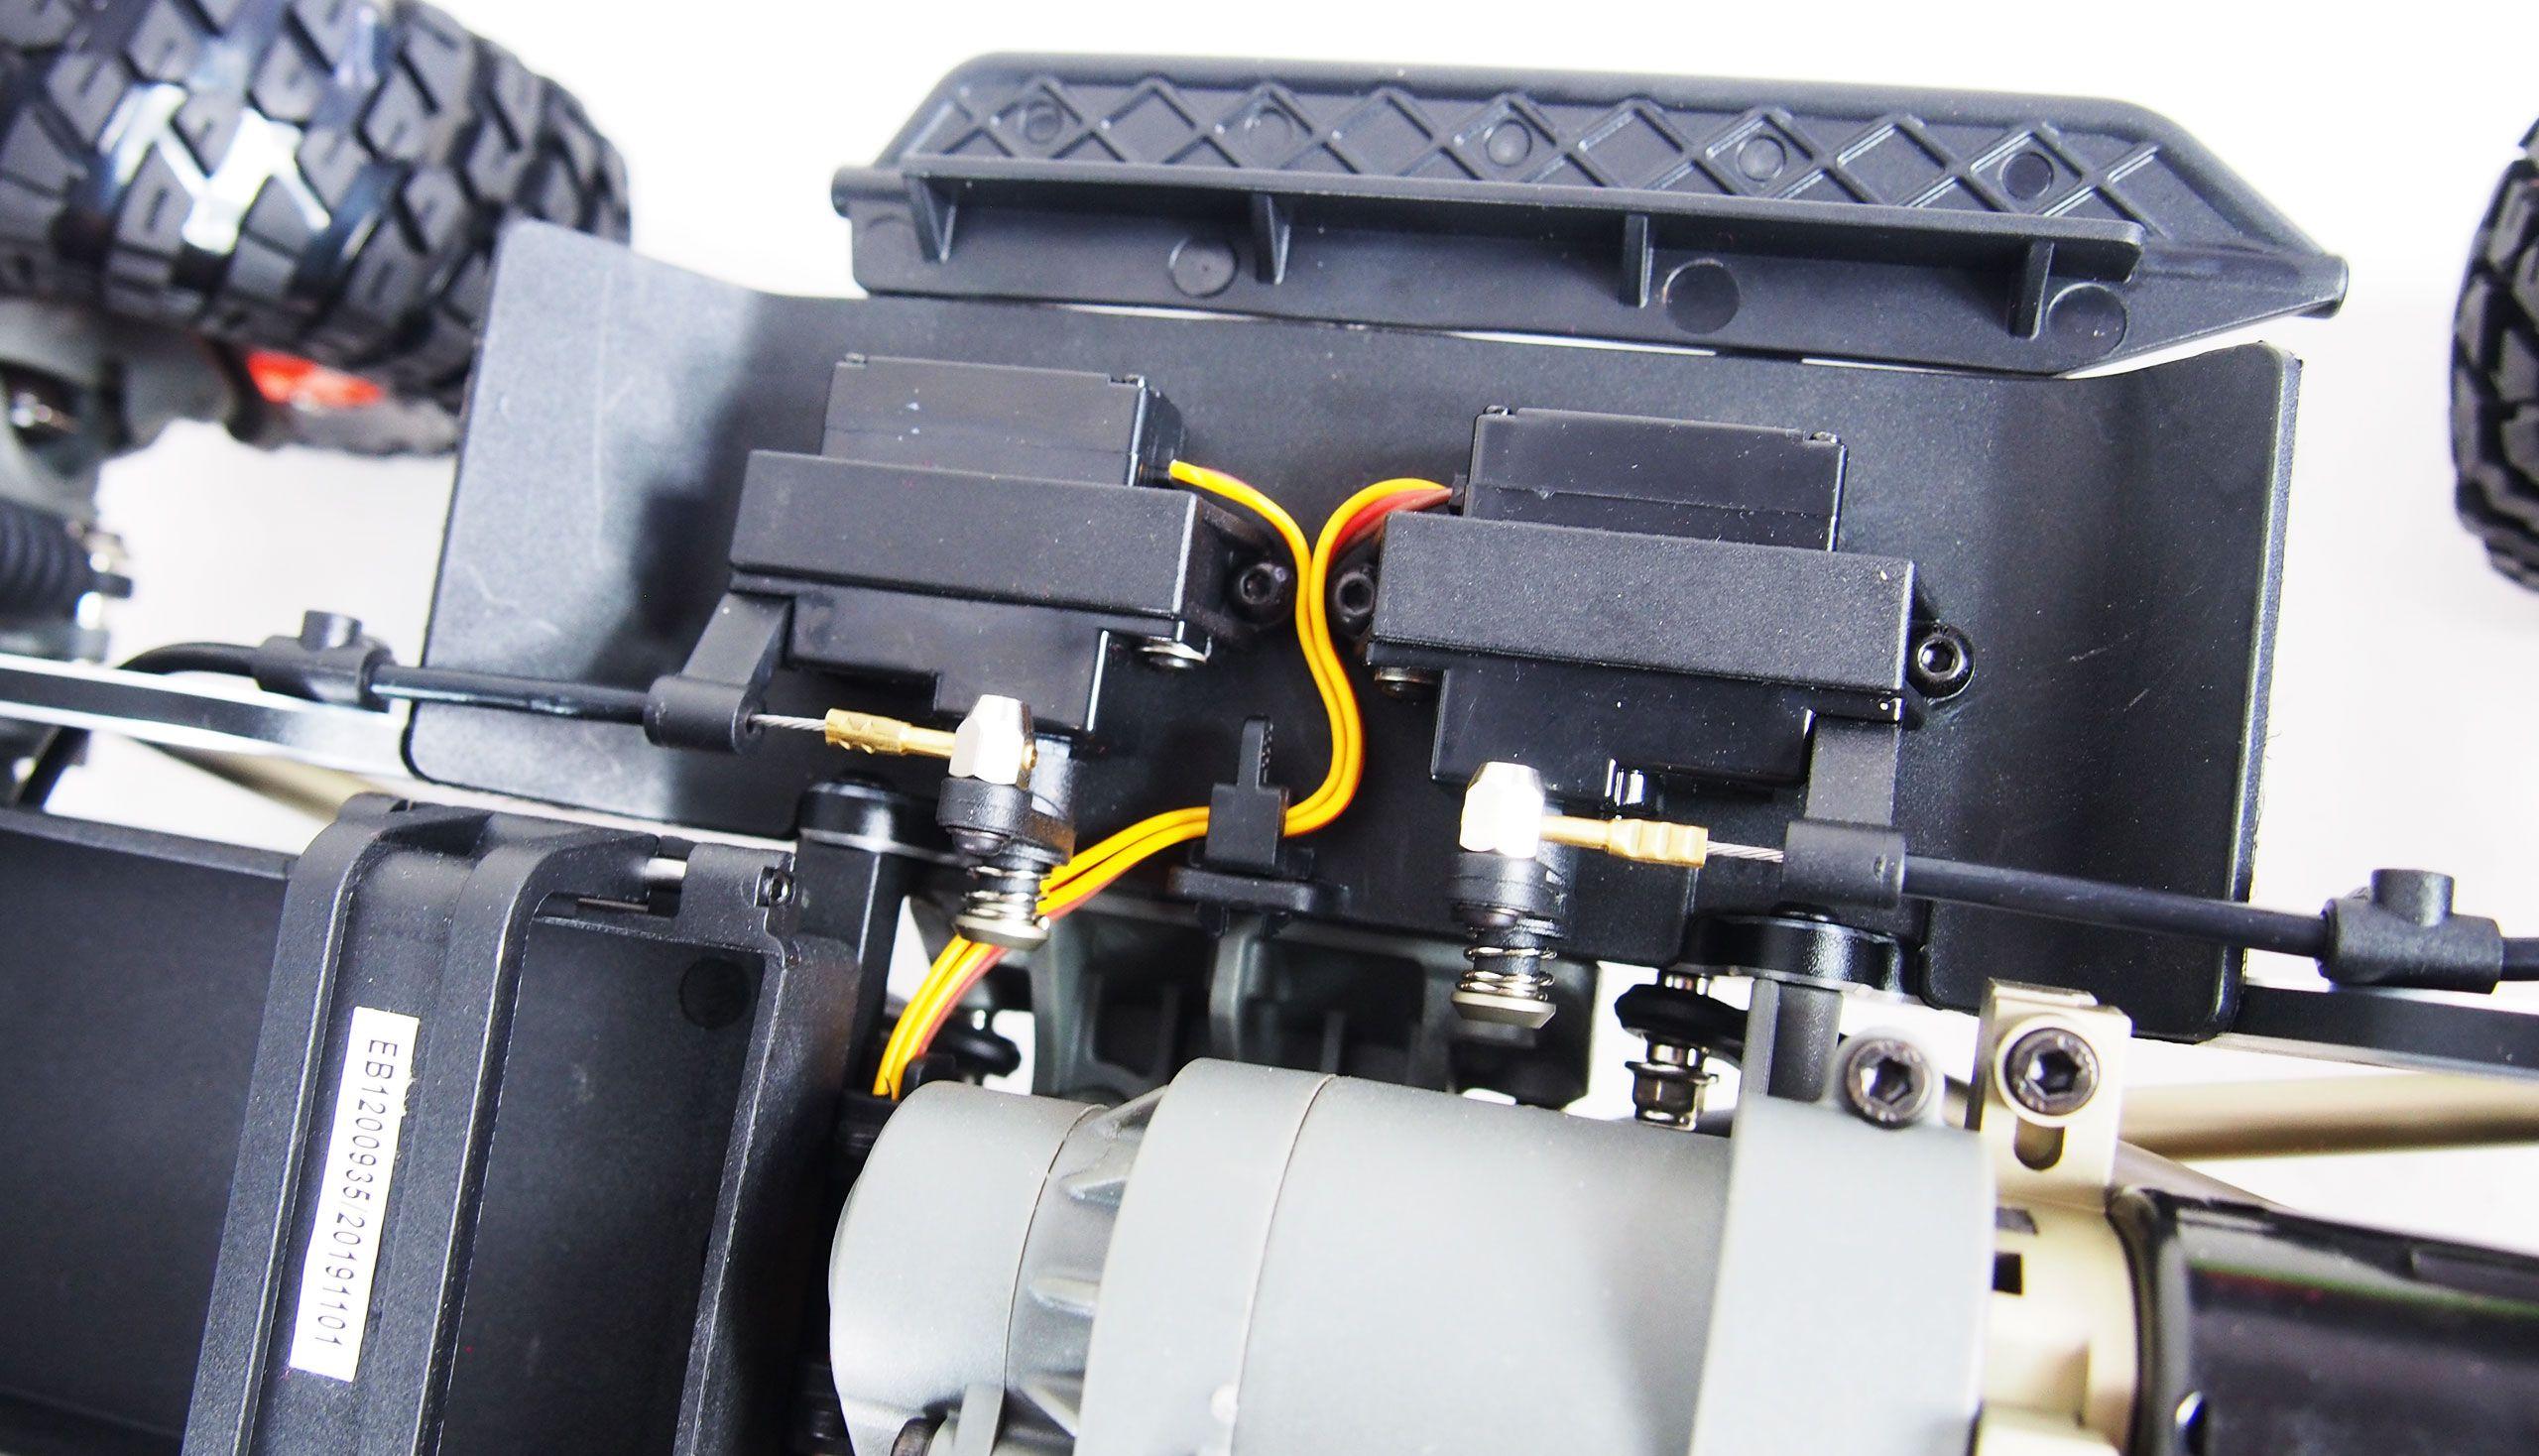 AMX Rock RCX10PS 2,4 Ghz PROFI s uzávěrkami 1:10 RTR a portálovými nápravami, 2 rychlosti